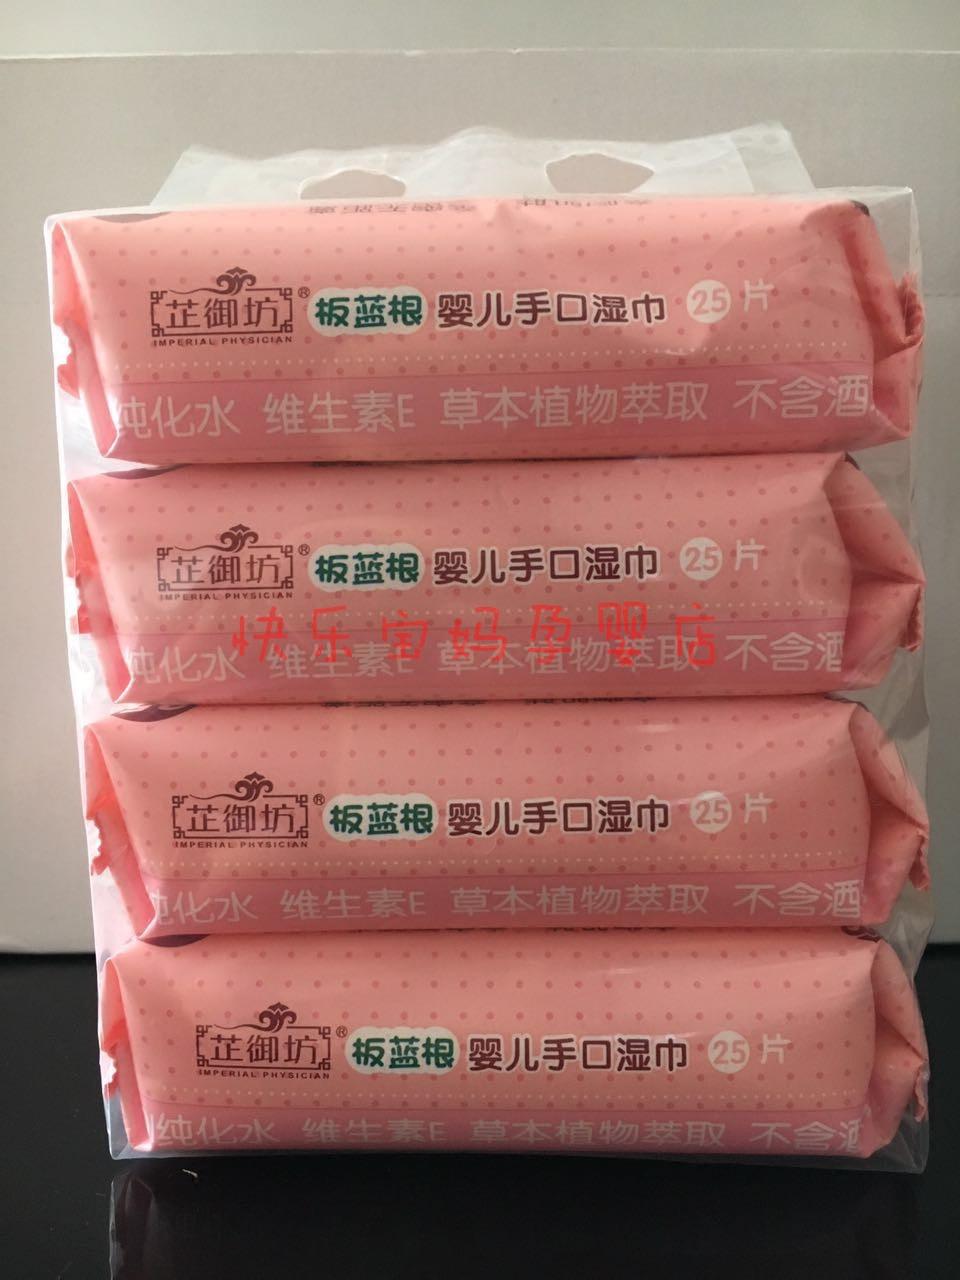 芷御坊板蓝根婴儿手口湿巾随身装四联包100抽婴幼儿童宝宝特惠装